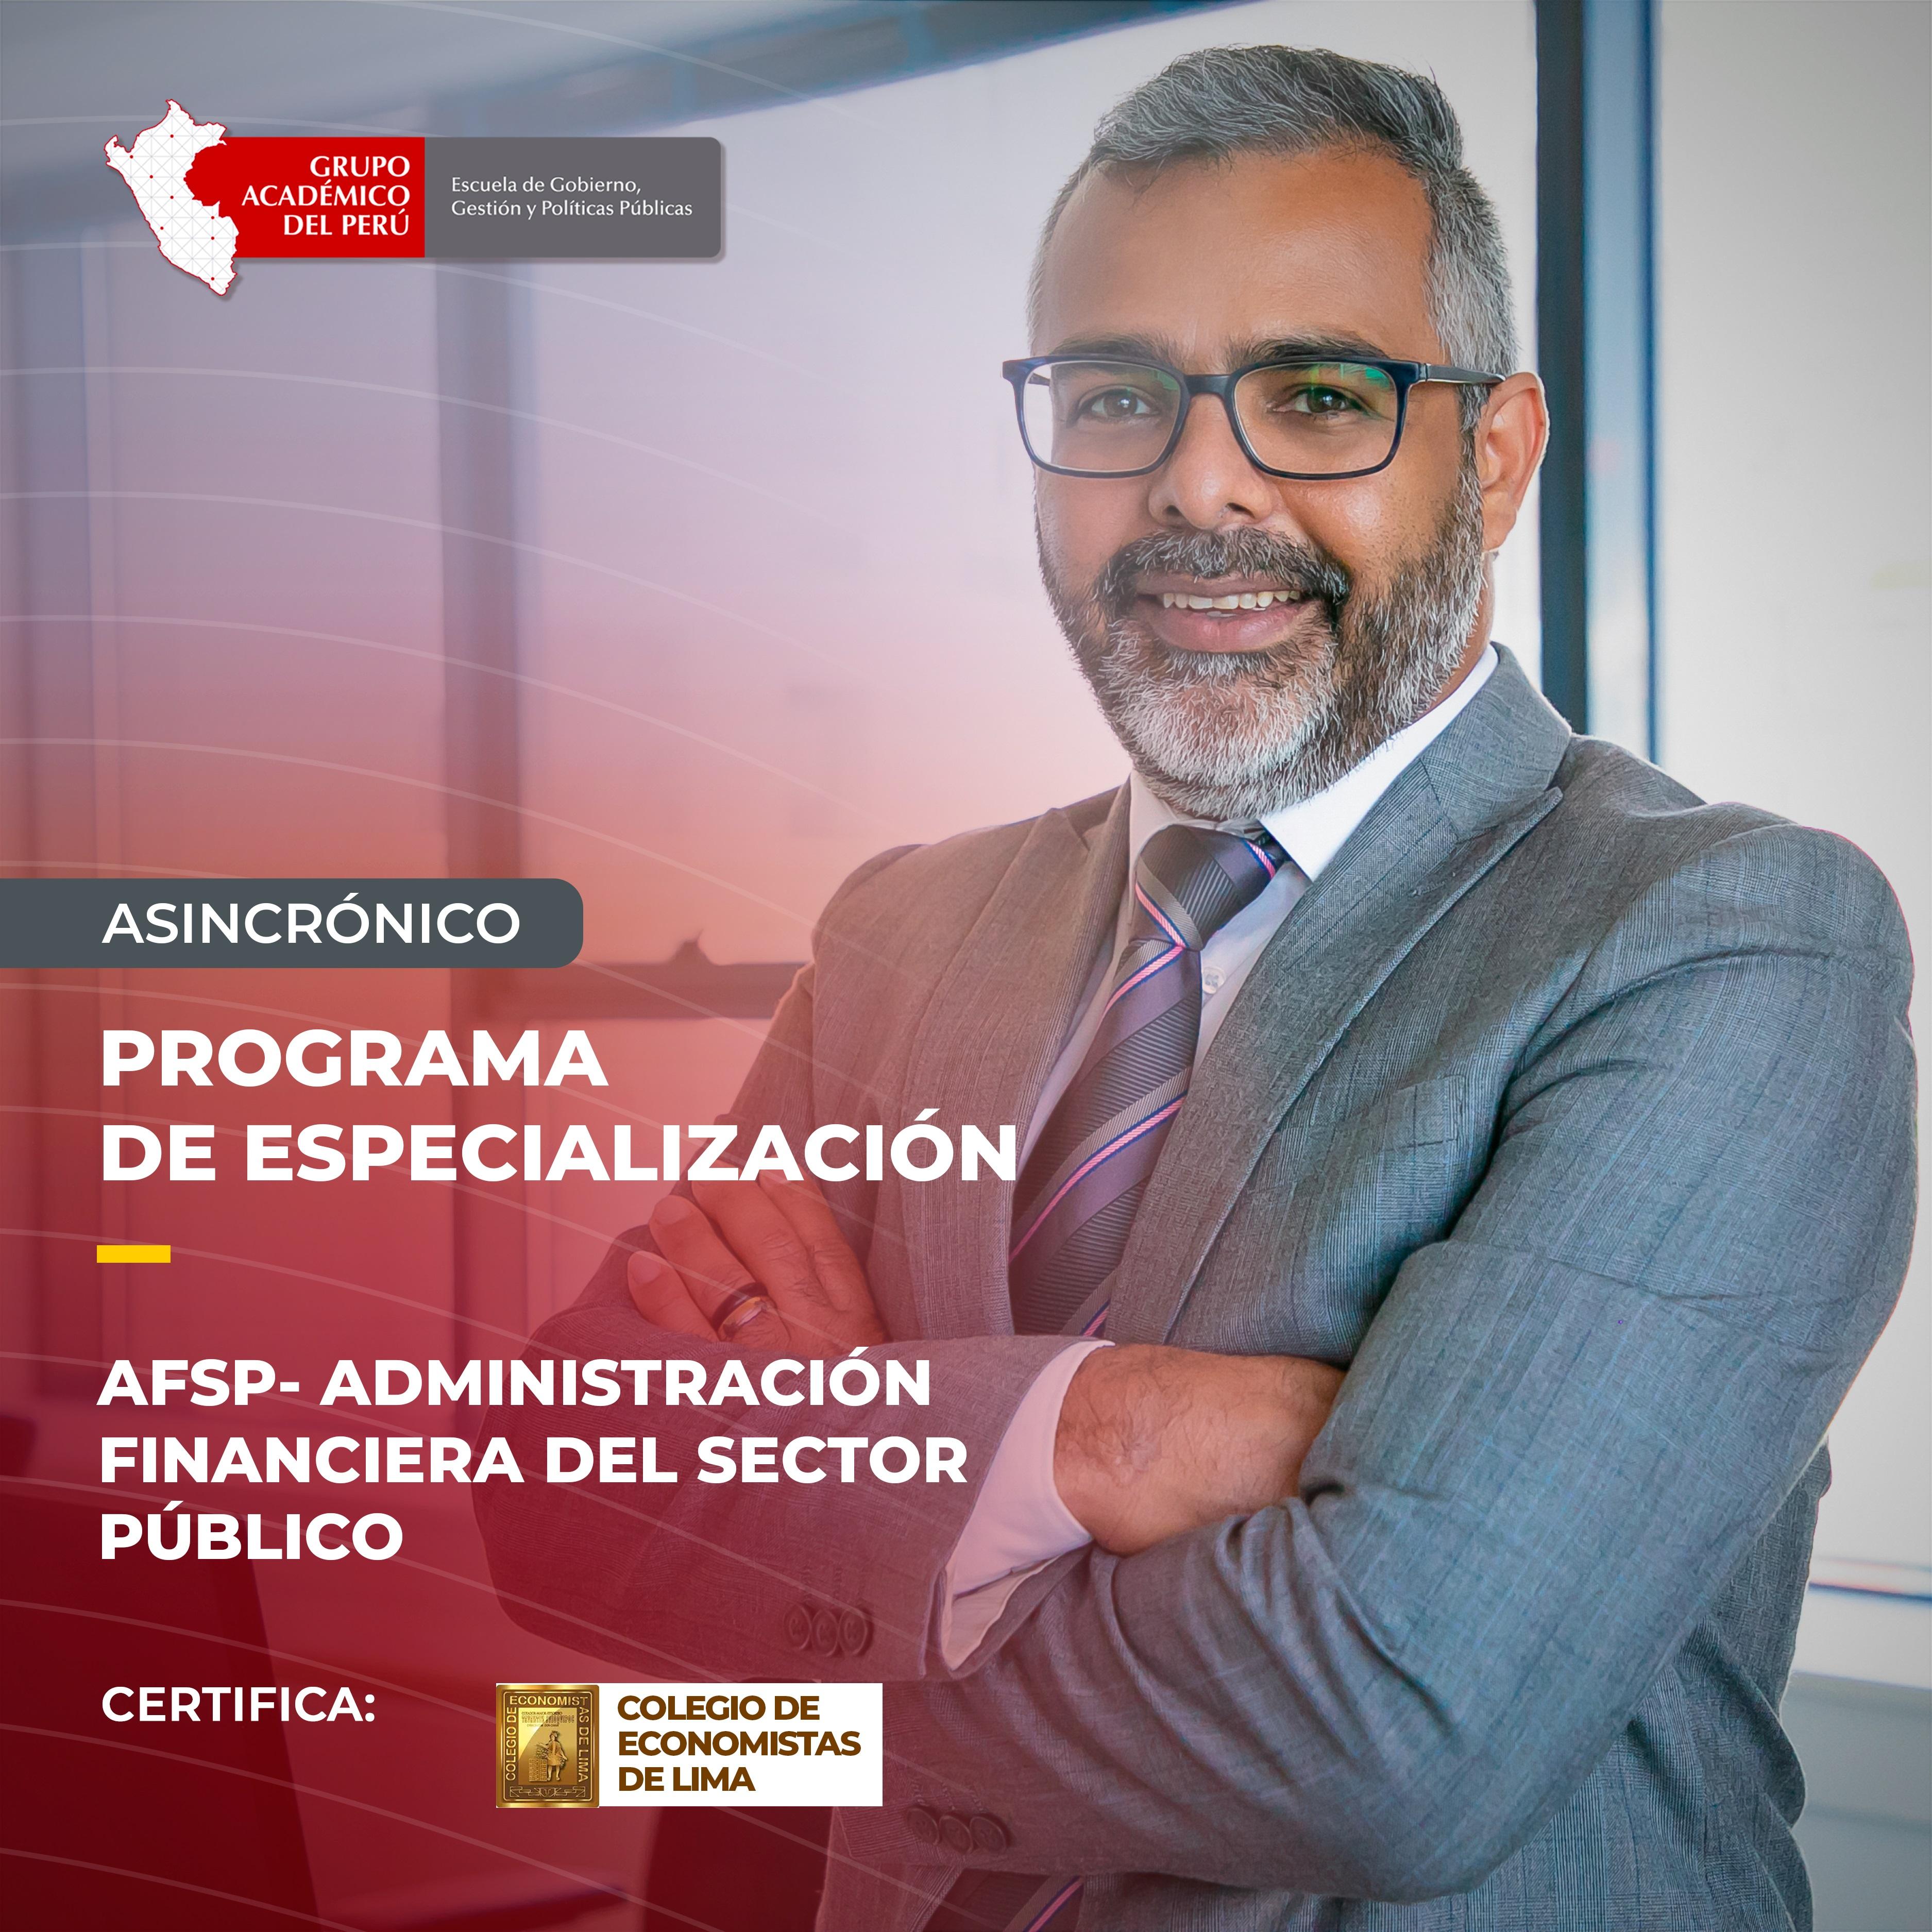 Administración Financiera del Sector Público - AFSP (Grabado)